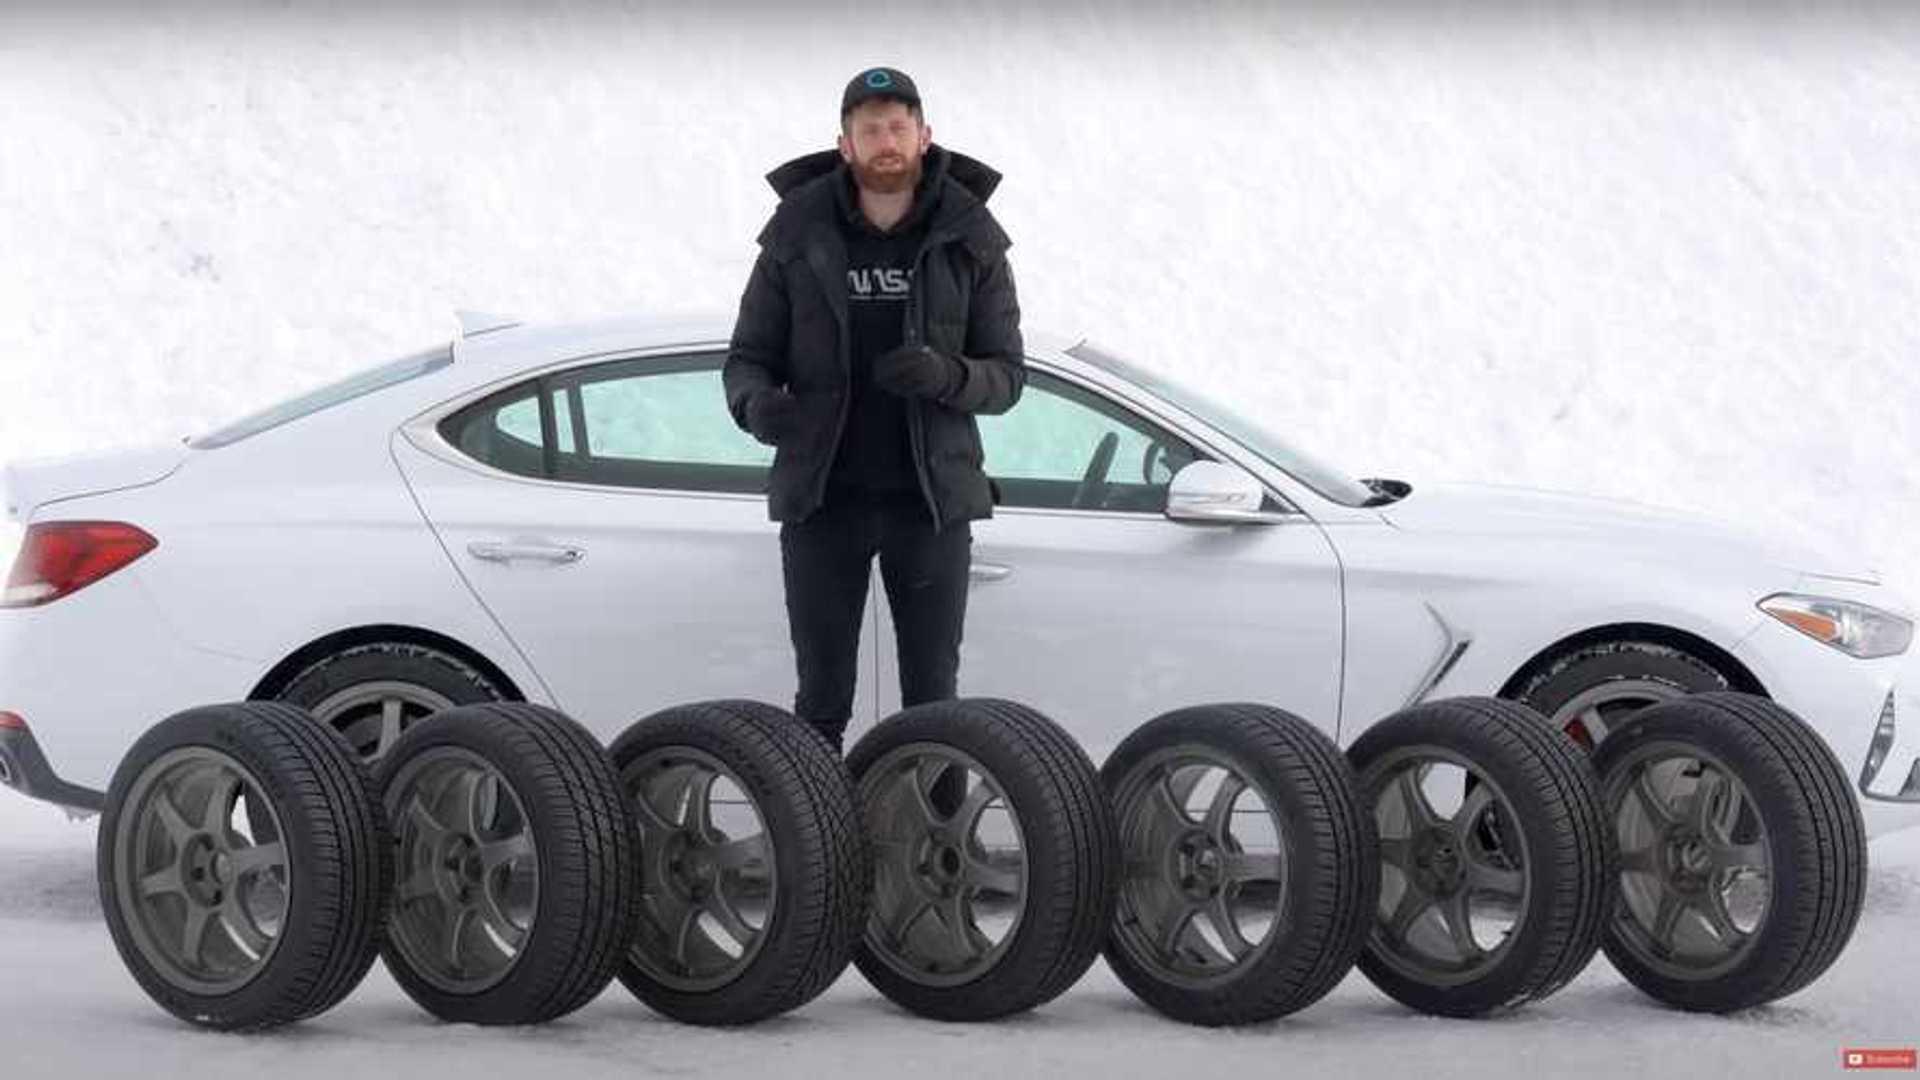 Тесты высокопроизводительных всесезонных шин показали удивительные результаты на снегу